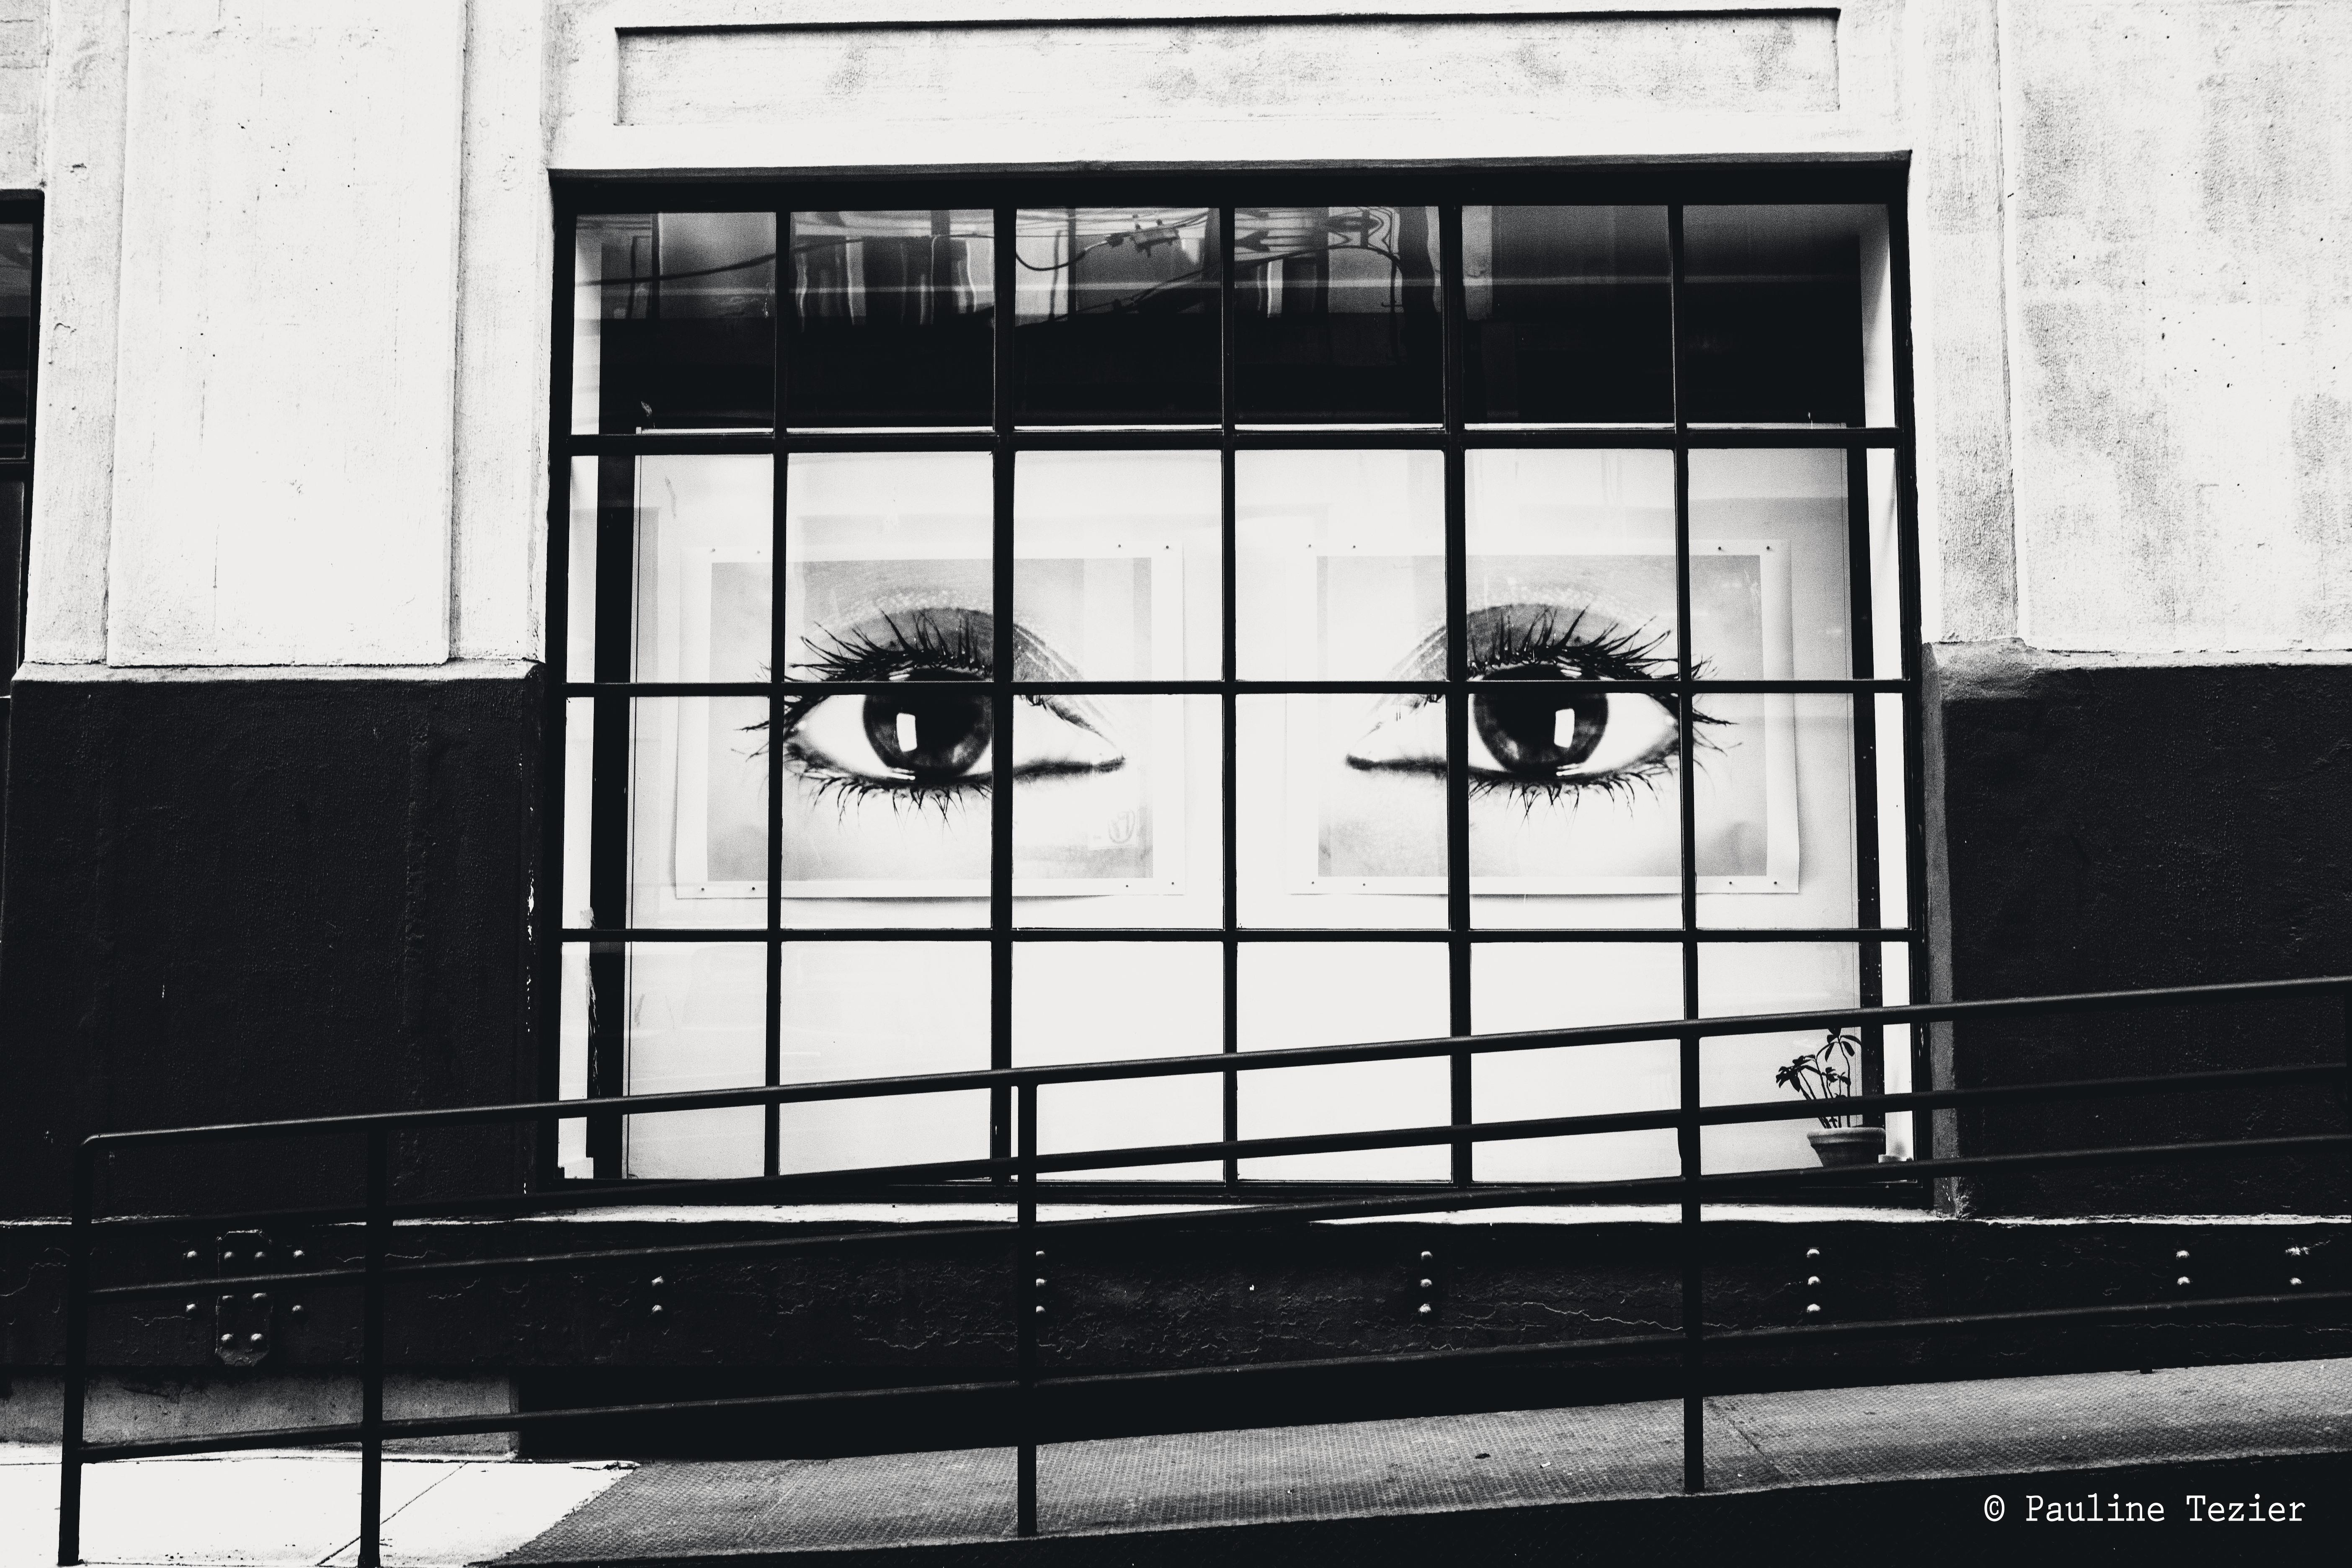 New York | Pauline Tezier